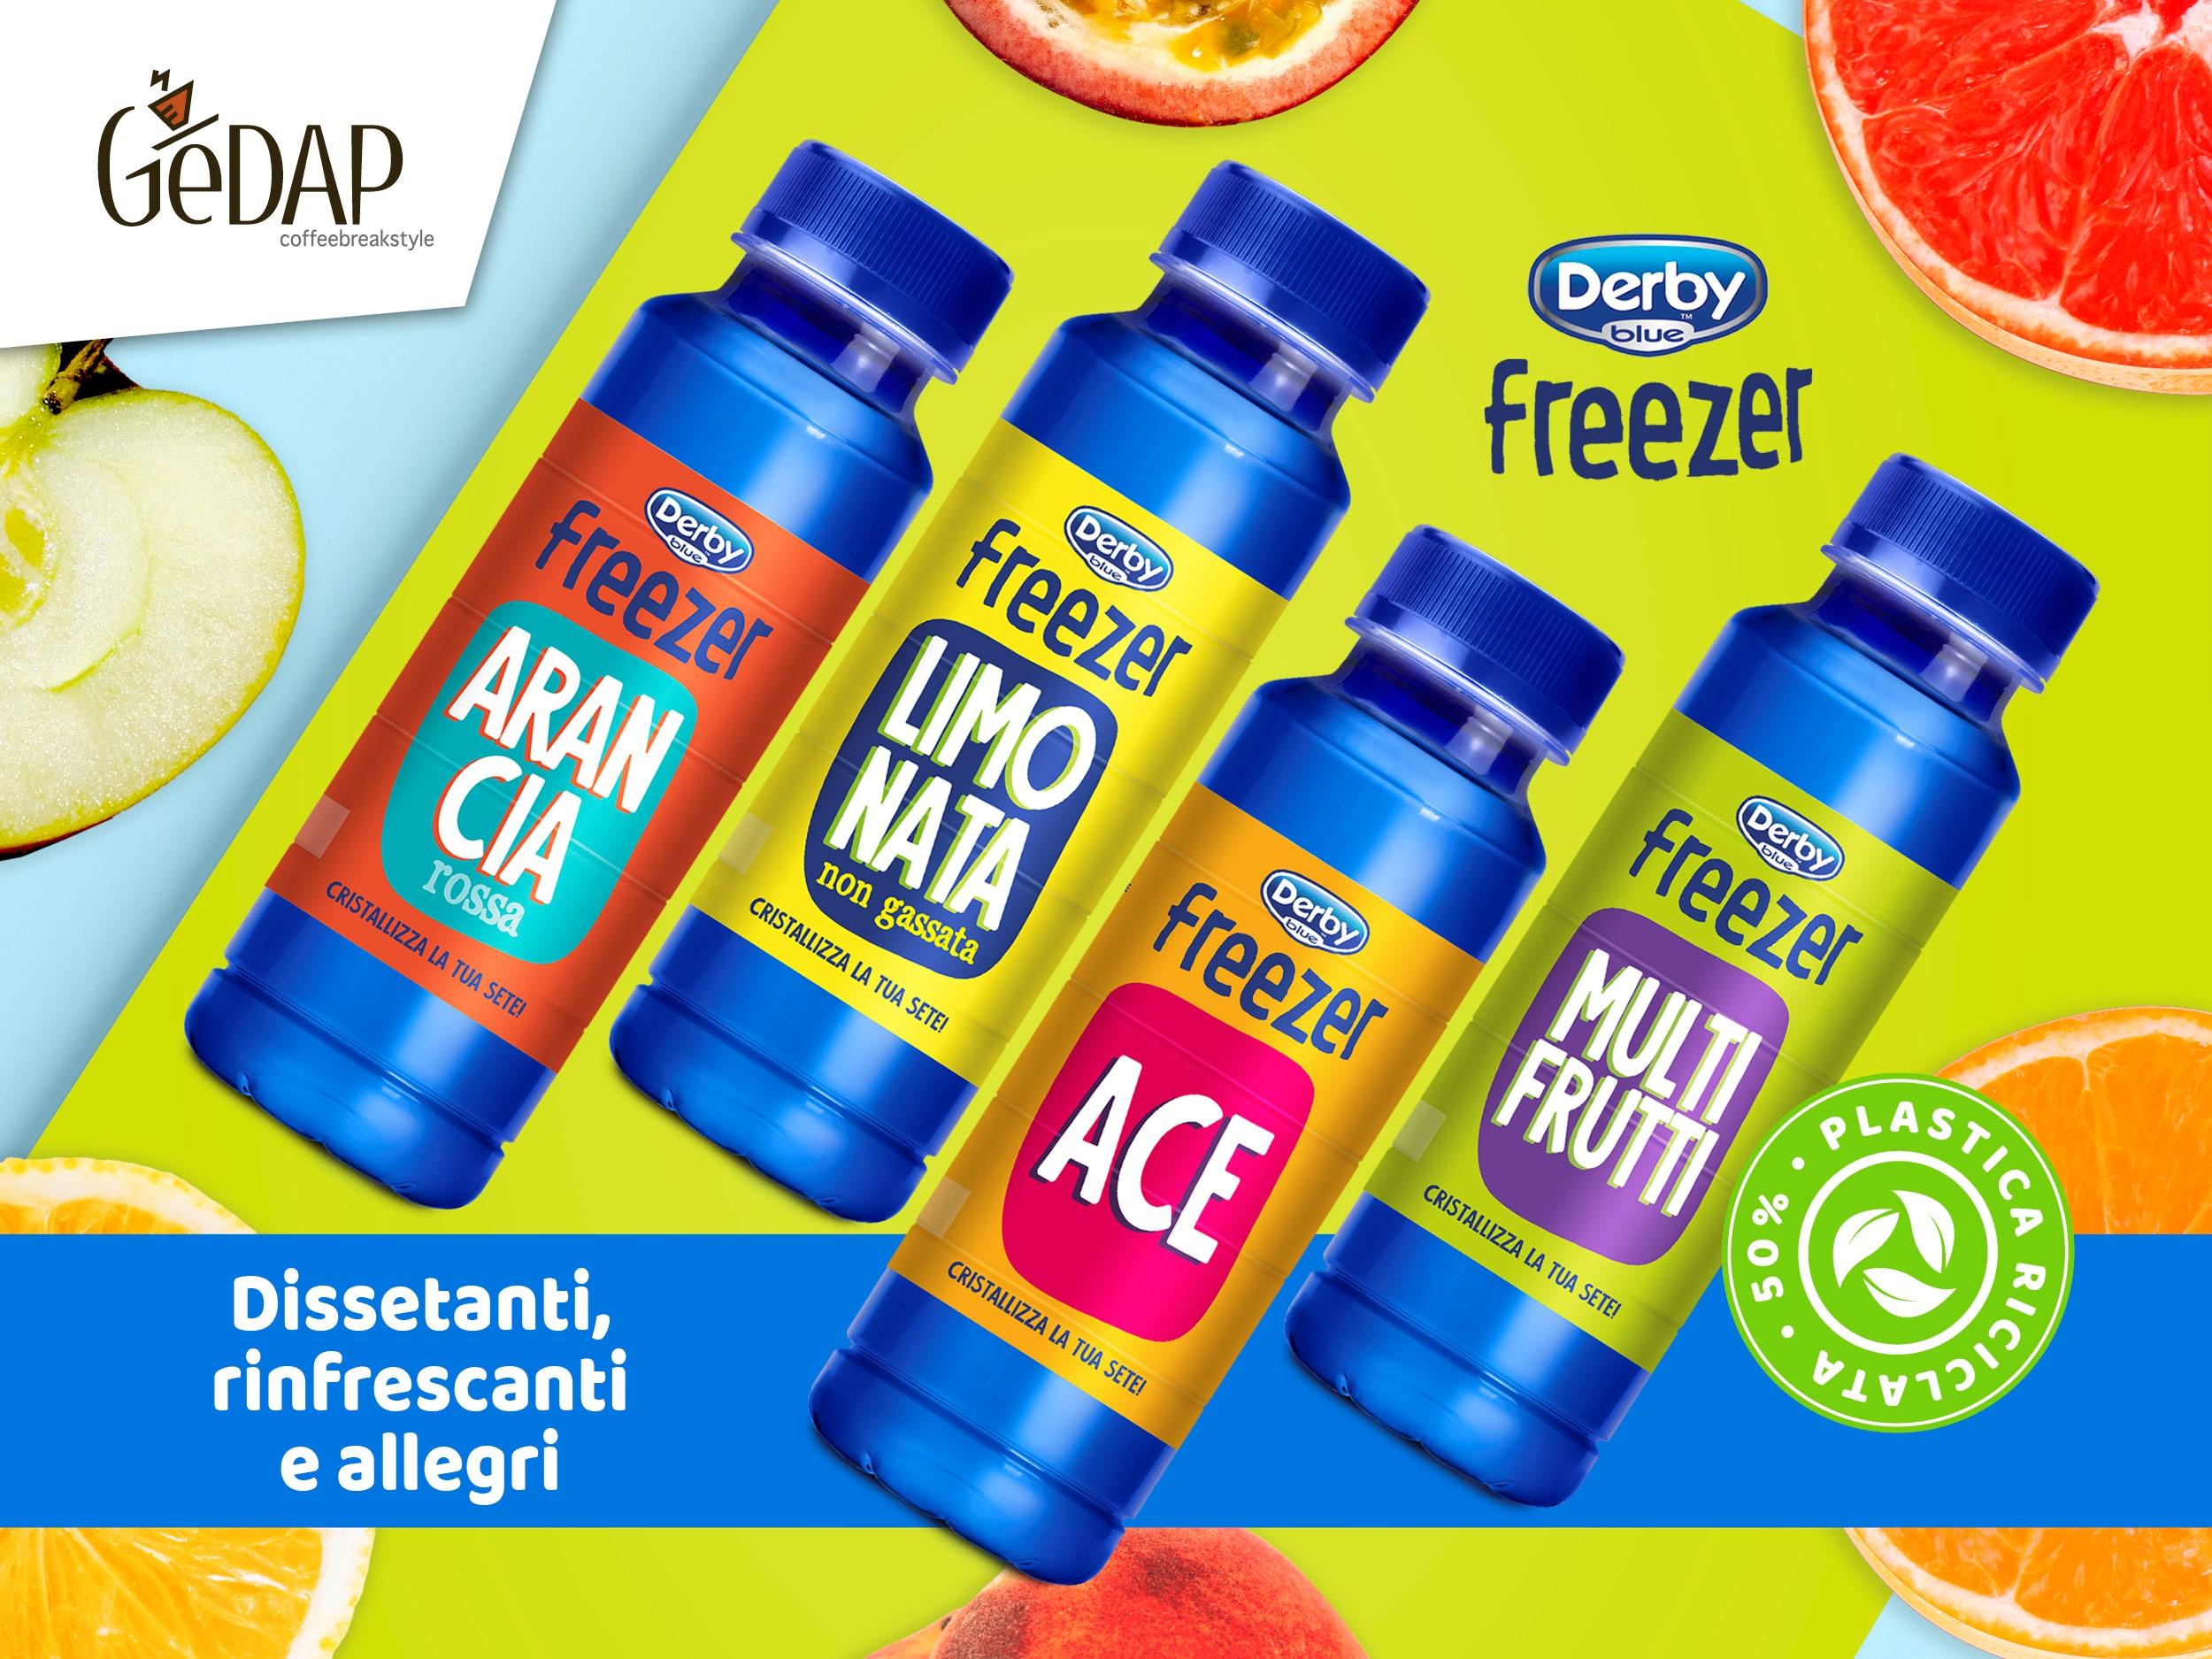 Derby Blue Freezer nella nuova bottiglia in RPet